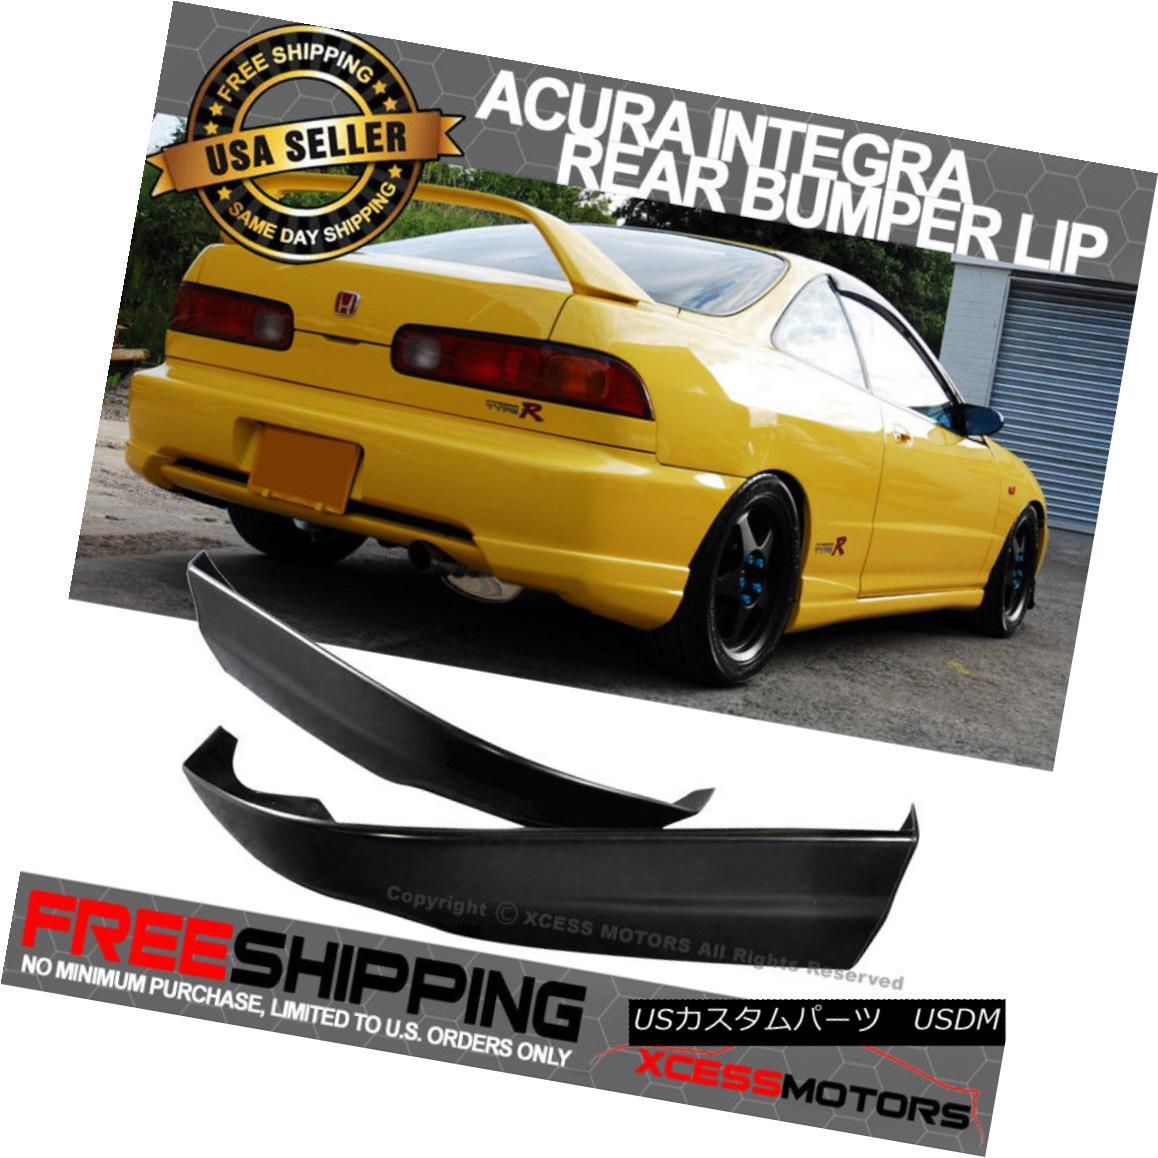 エアロパーツ Fits 98-01 Acura Integra PU Rear Bumper Lip Spoiler 2PCS Poly Urethane フィット98-01 Acura Integra PUリアバンパーリップスポイラー2PCSポリウレタン